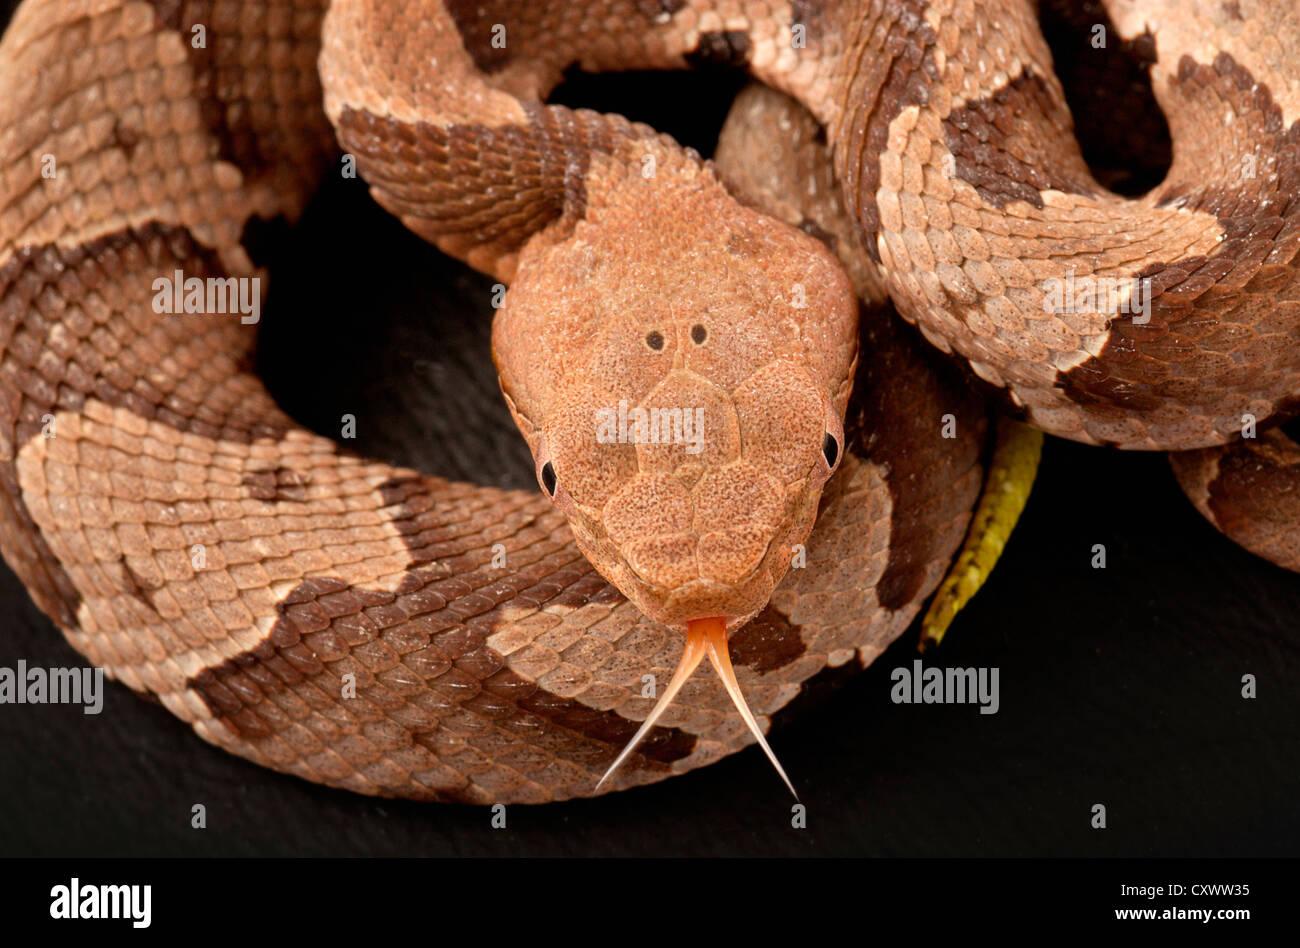 La serpiente cabeza de cobre (copperhead) sur, Agkistrodon contortrix Imagen De Stock